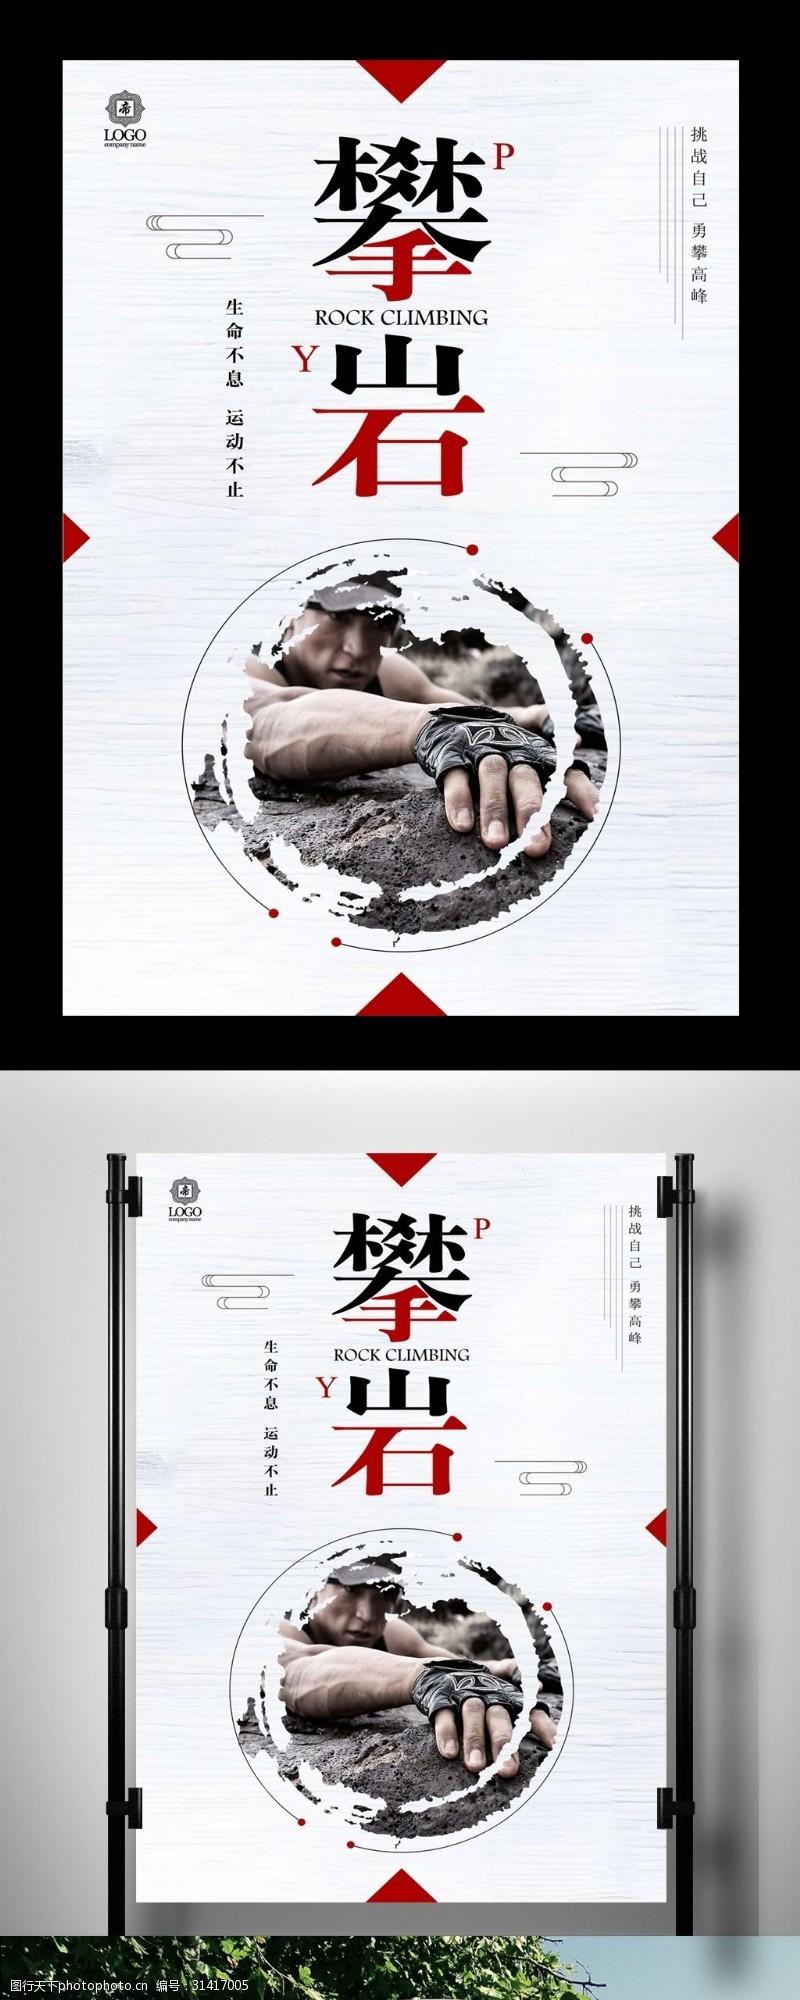 徒手攀岩创意攀岩体育运动海报